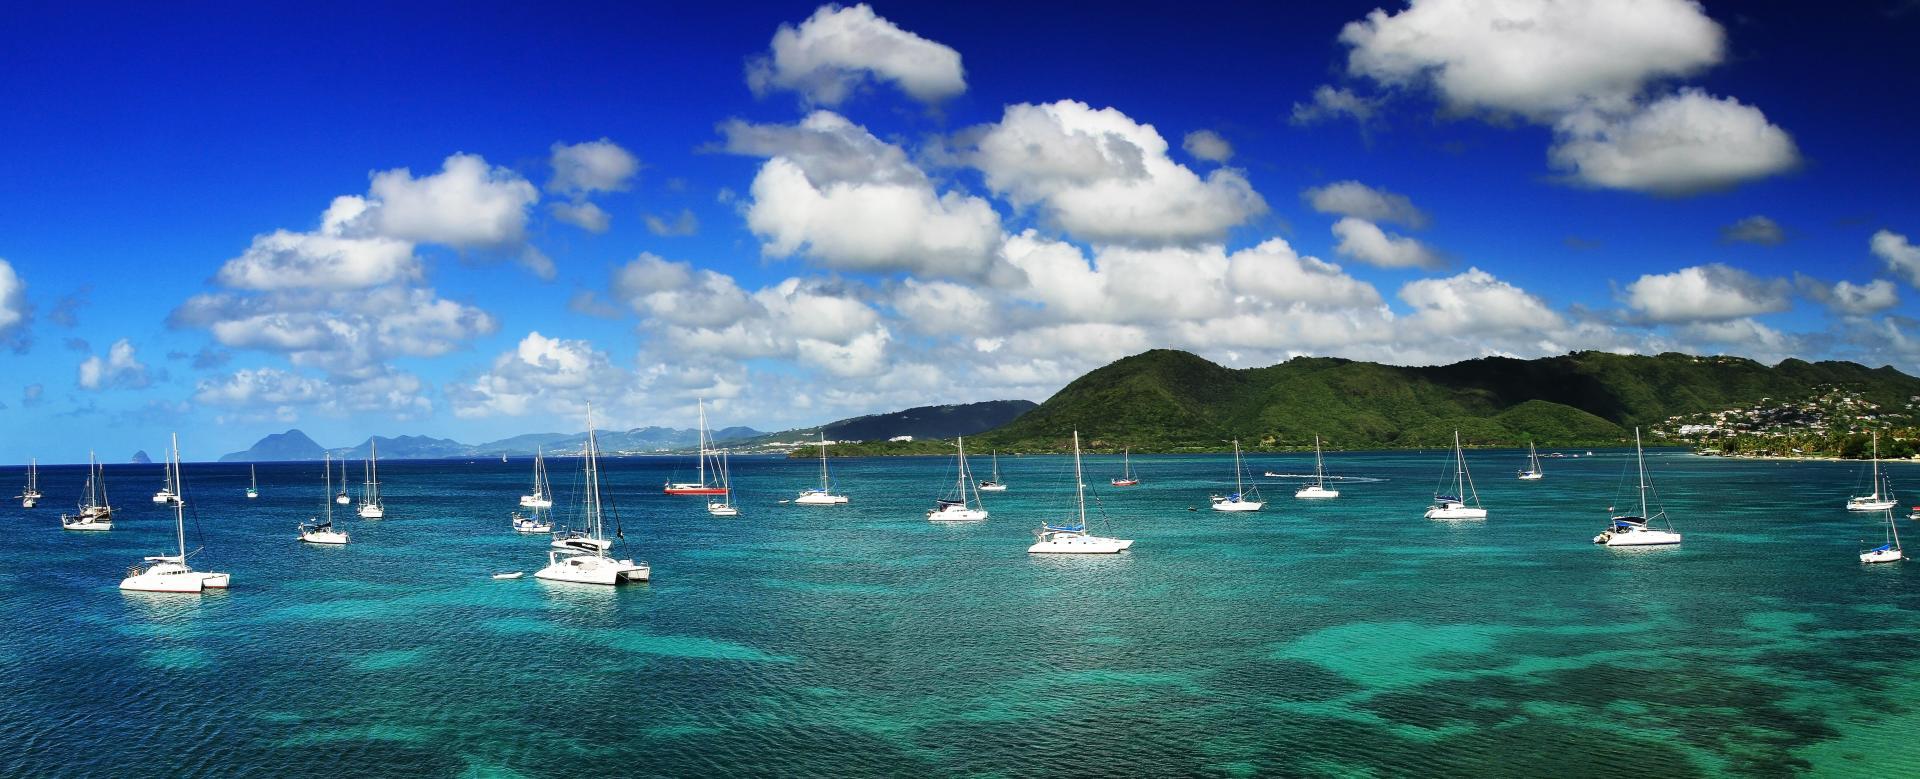 Voyage à pied Martinique : Montagnes et caraïbes